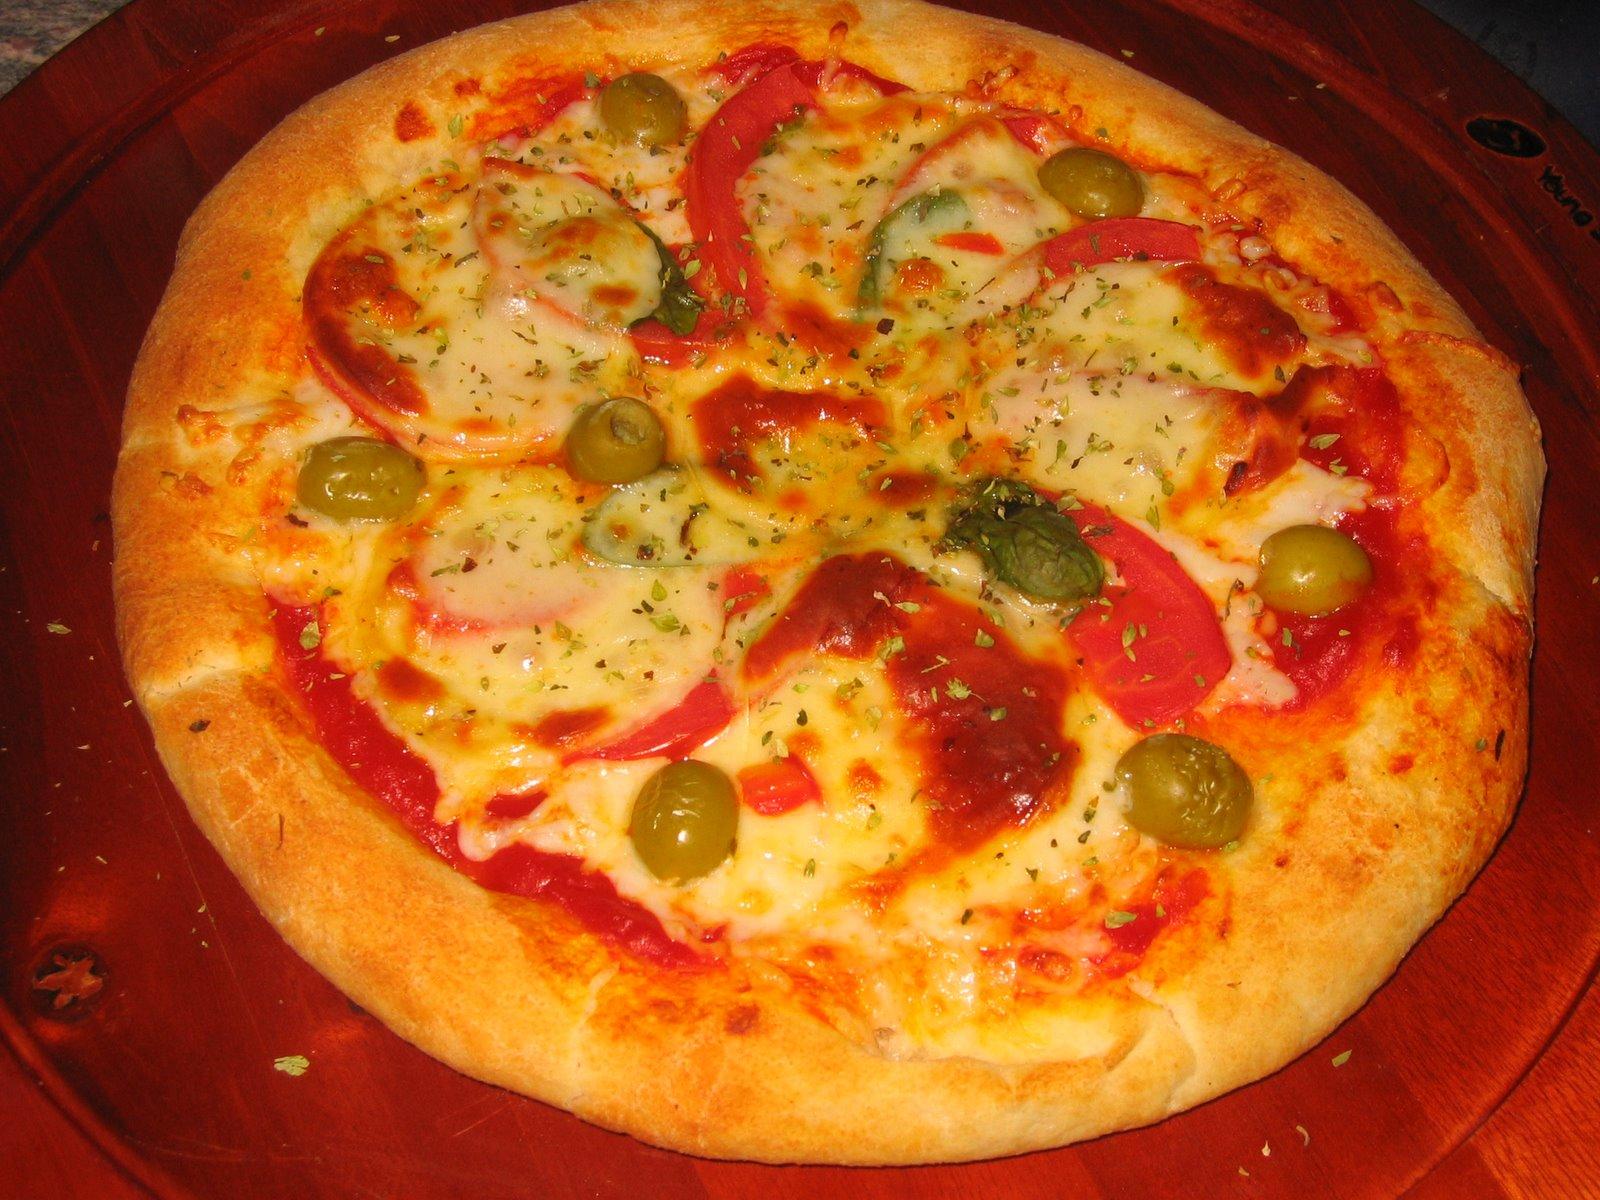 Fotos de pizzas for Ideas para comidas caseras